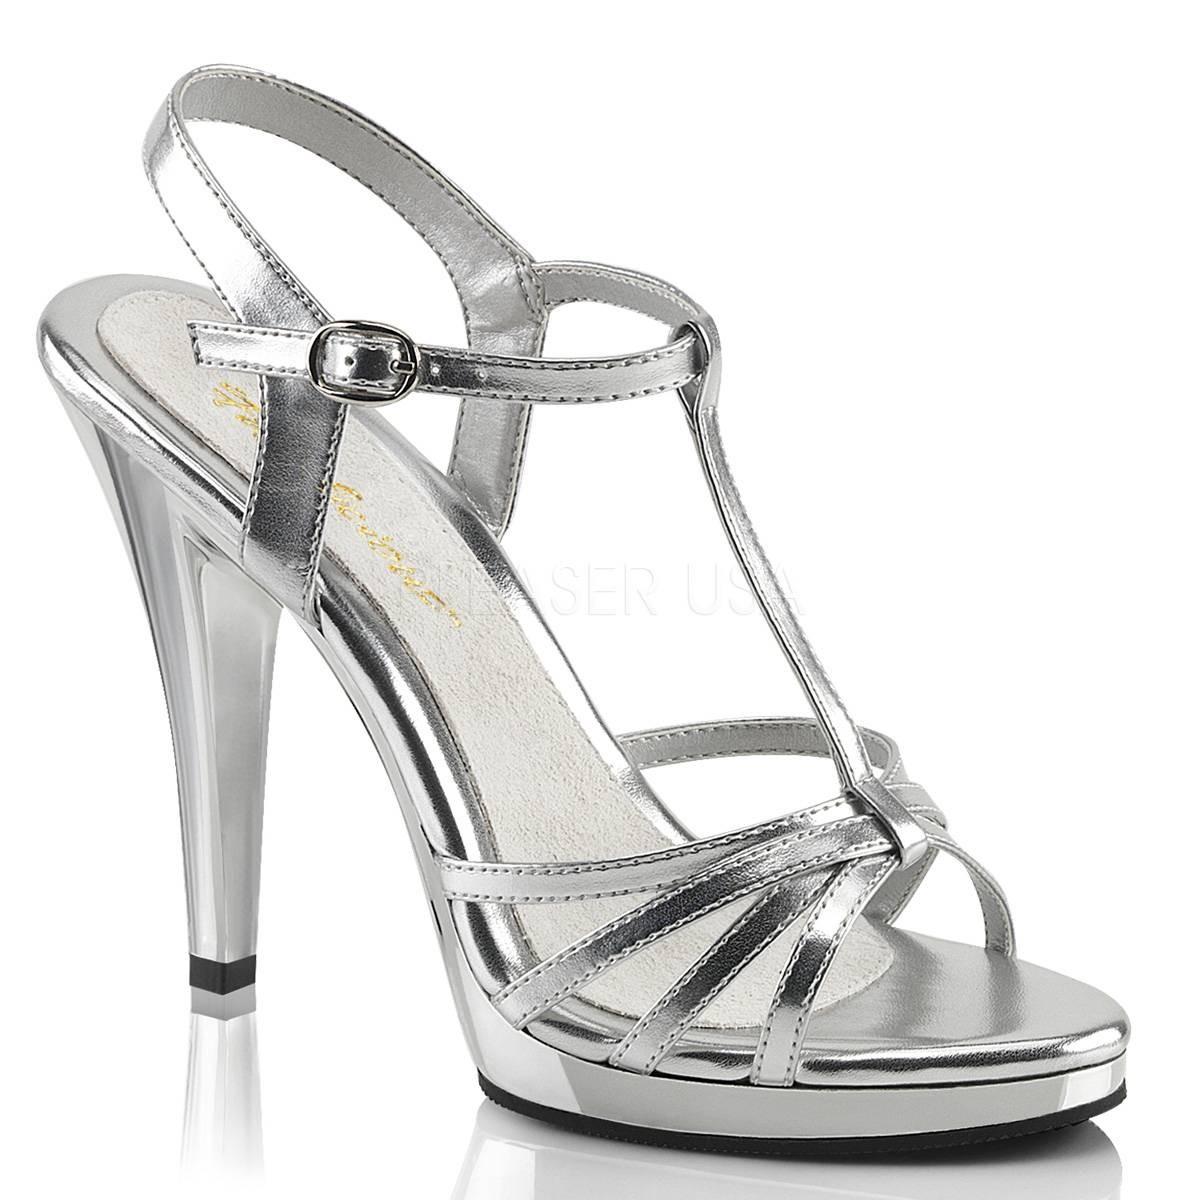 Sandalen - FLAIR 420 ° Damen Sandalette ° SilberMatt ° Fabulicious  - Onlineshop RedSixty